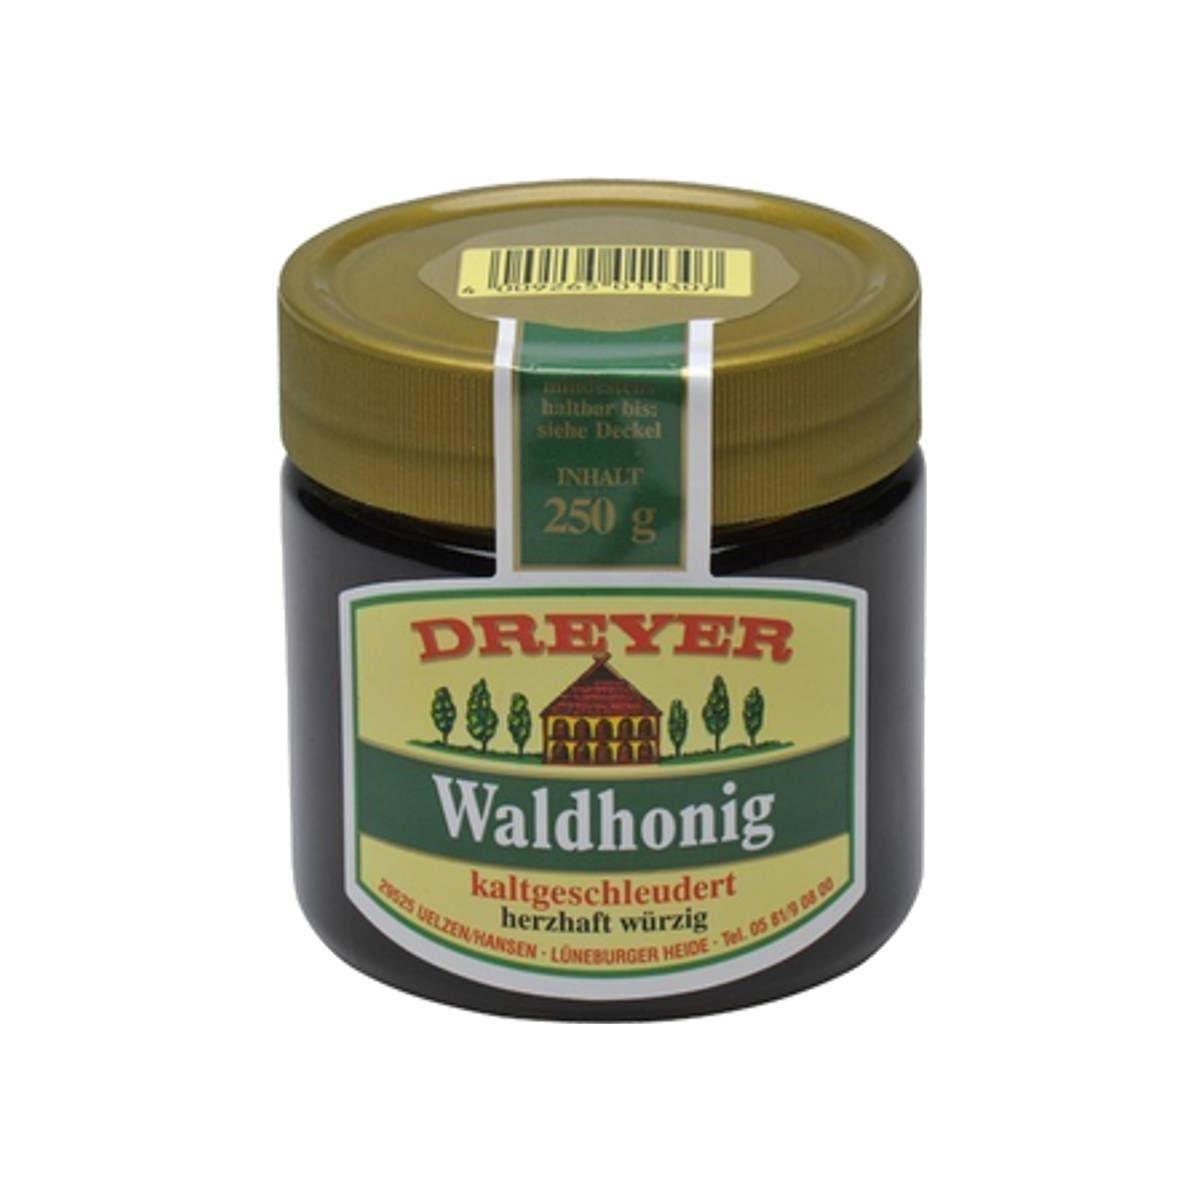 Dreyer Waldhonig herzhaft würzig: Amazon.de: Lebensmittel & Getränke